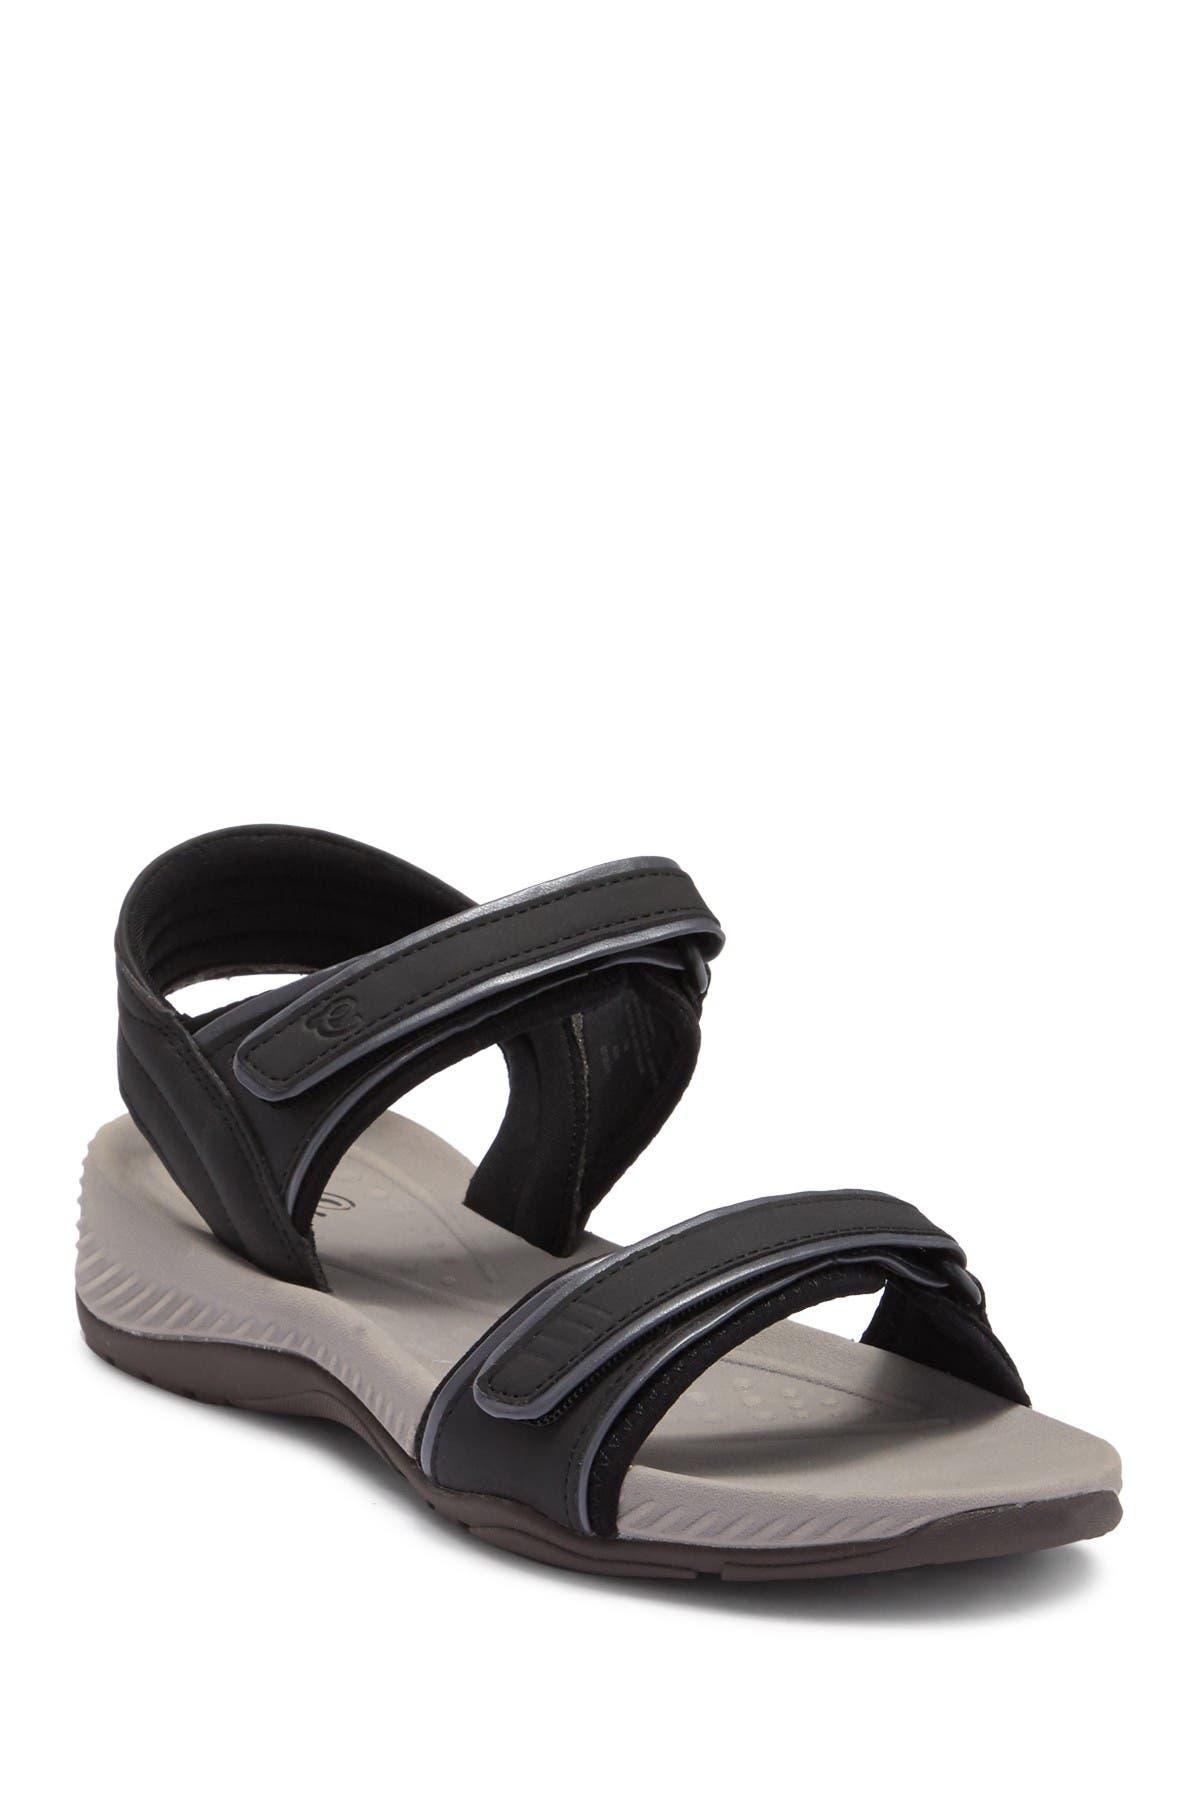 Easy Spirit | Nami 3 Sandal - Wide